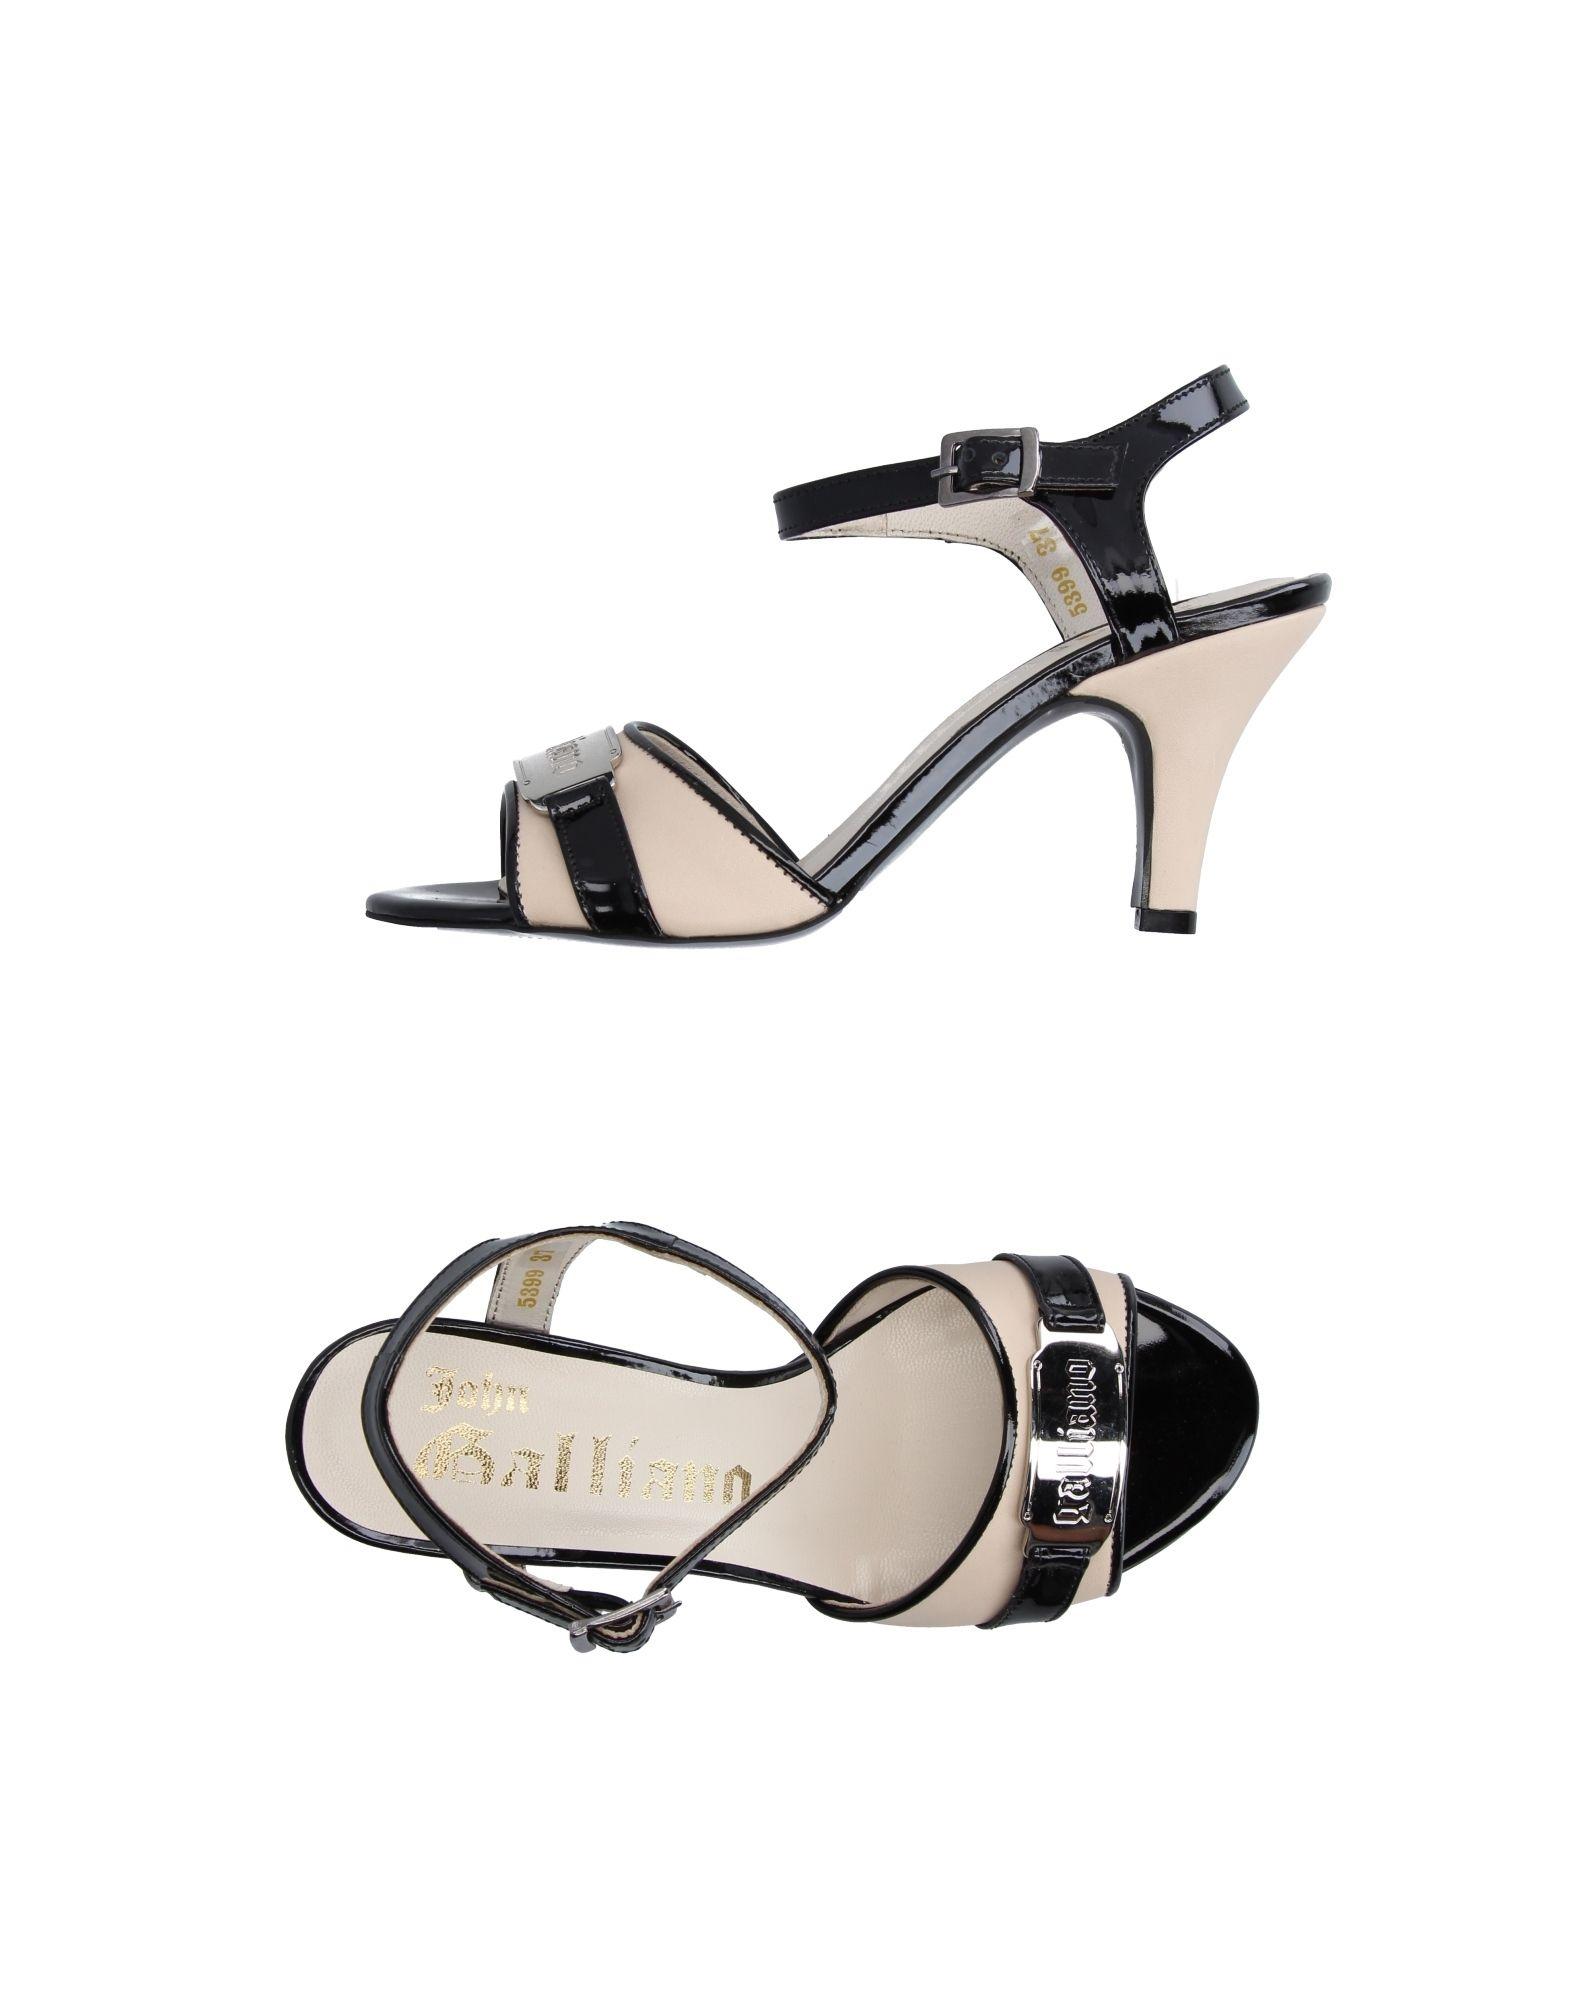 Stilvolle billige Schuhe John Galliano Sandalen Damen  11227558IK 11227558IK 11227558IK 855341